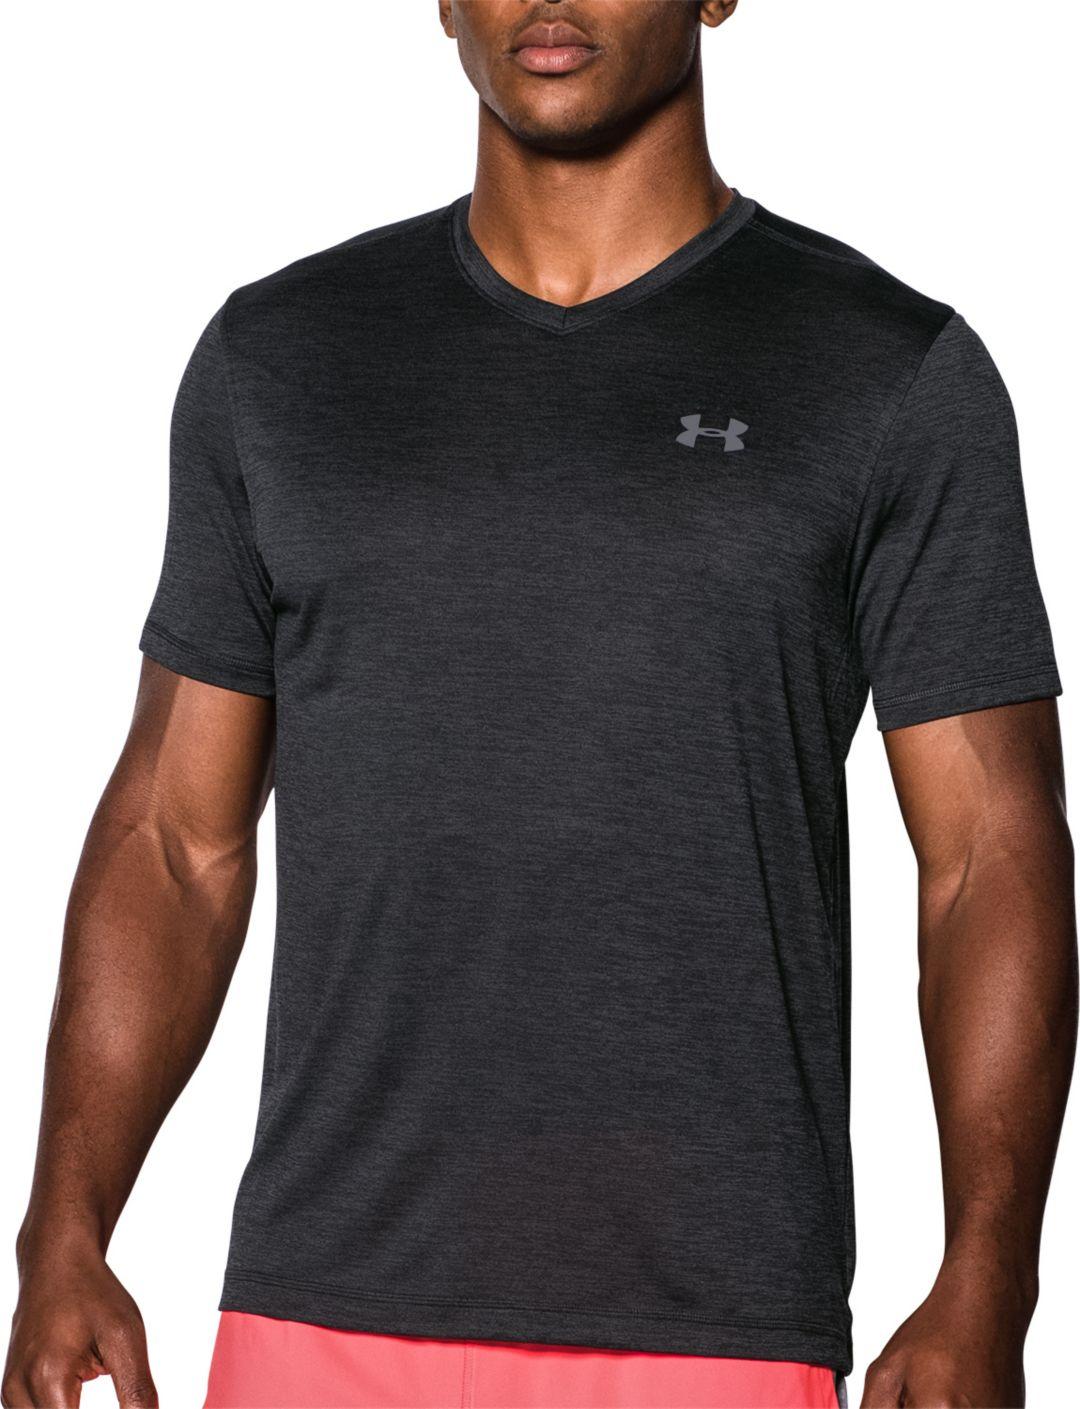 d773f75a Under Armour Men's Tech V-Neck T-Shirt | DICK'S Sporting Goods